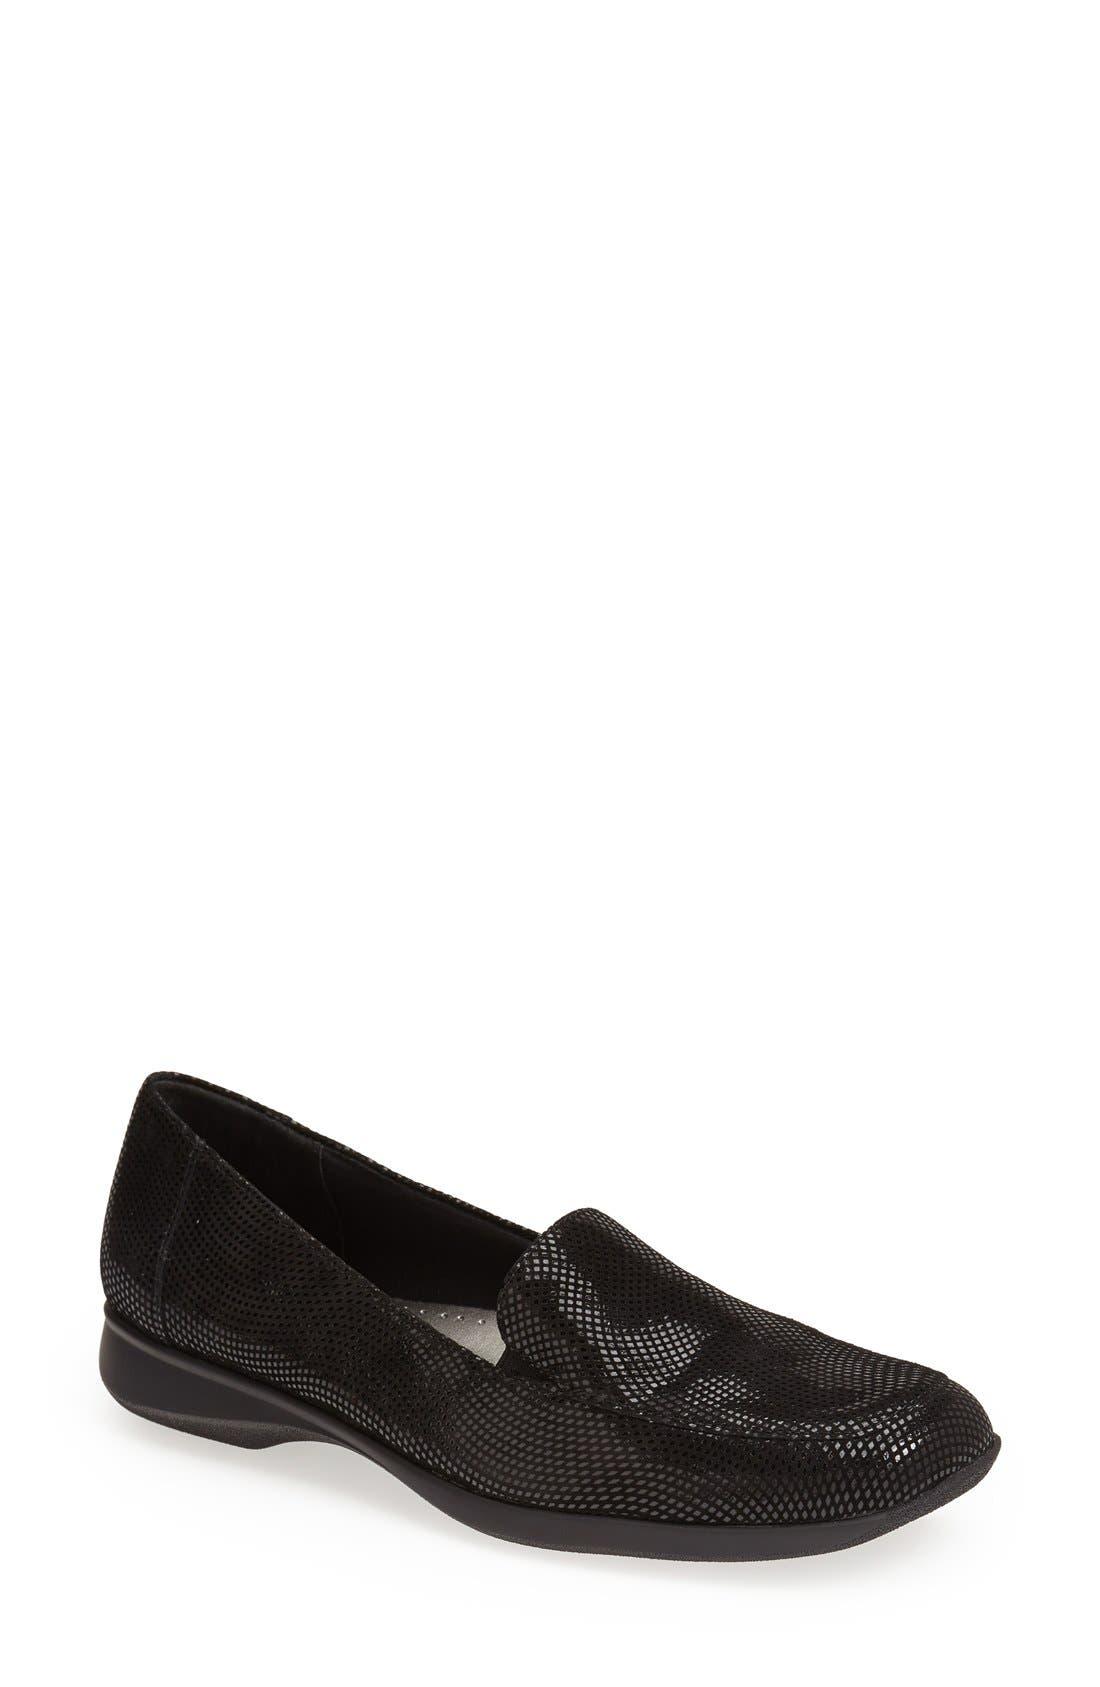 'Jenn' Loafer,                         Main,                         color, BLACK MINI DOTS